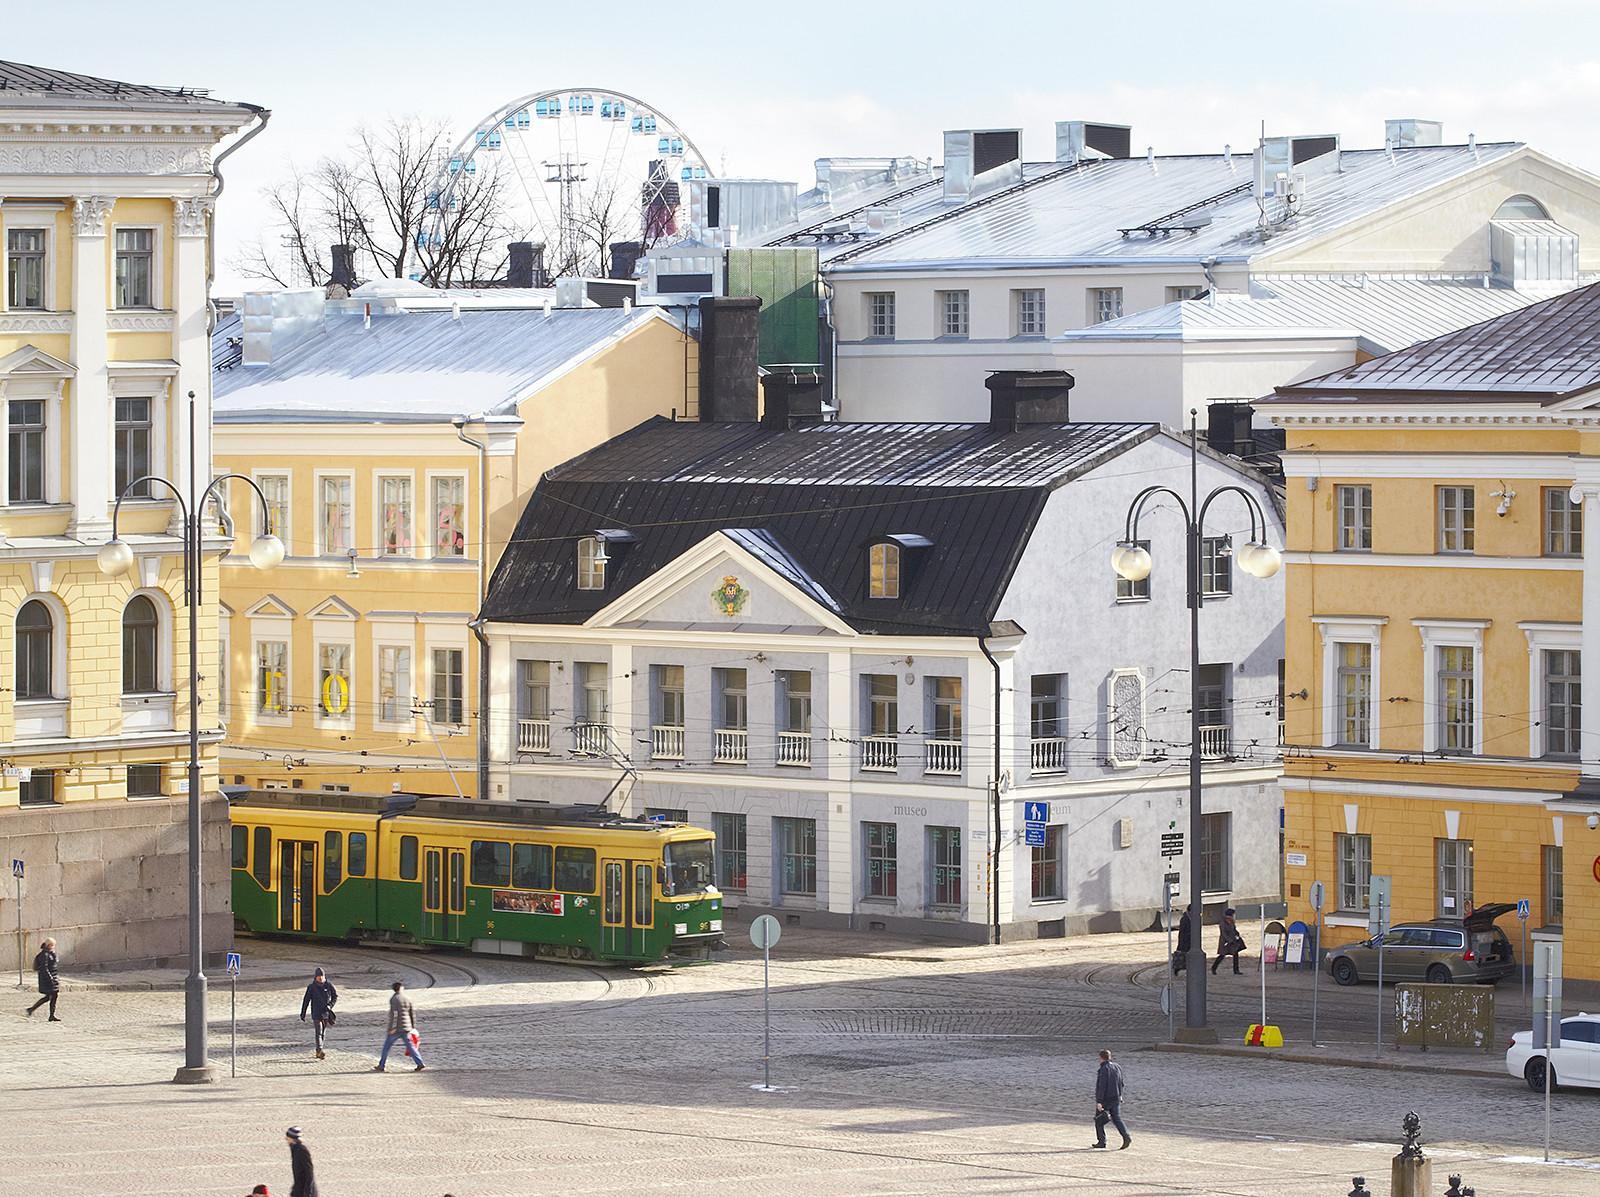 Городской музей Хельсинки, узнать режим работы музея в Хельсинки